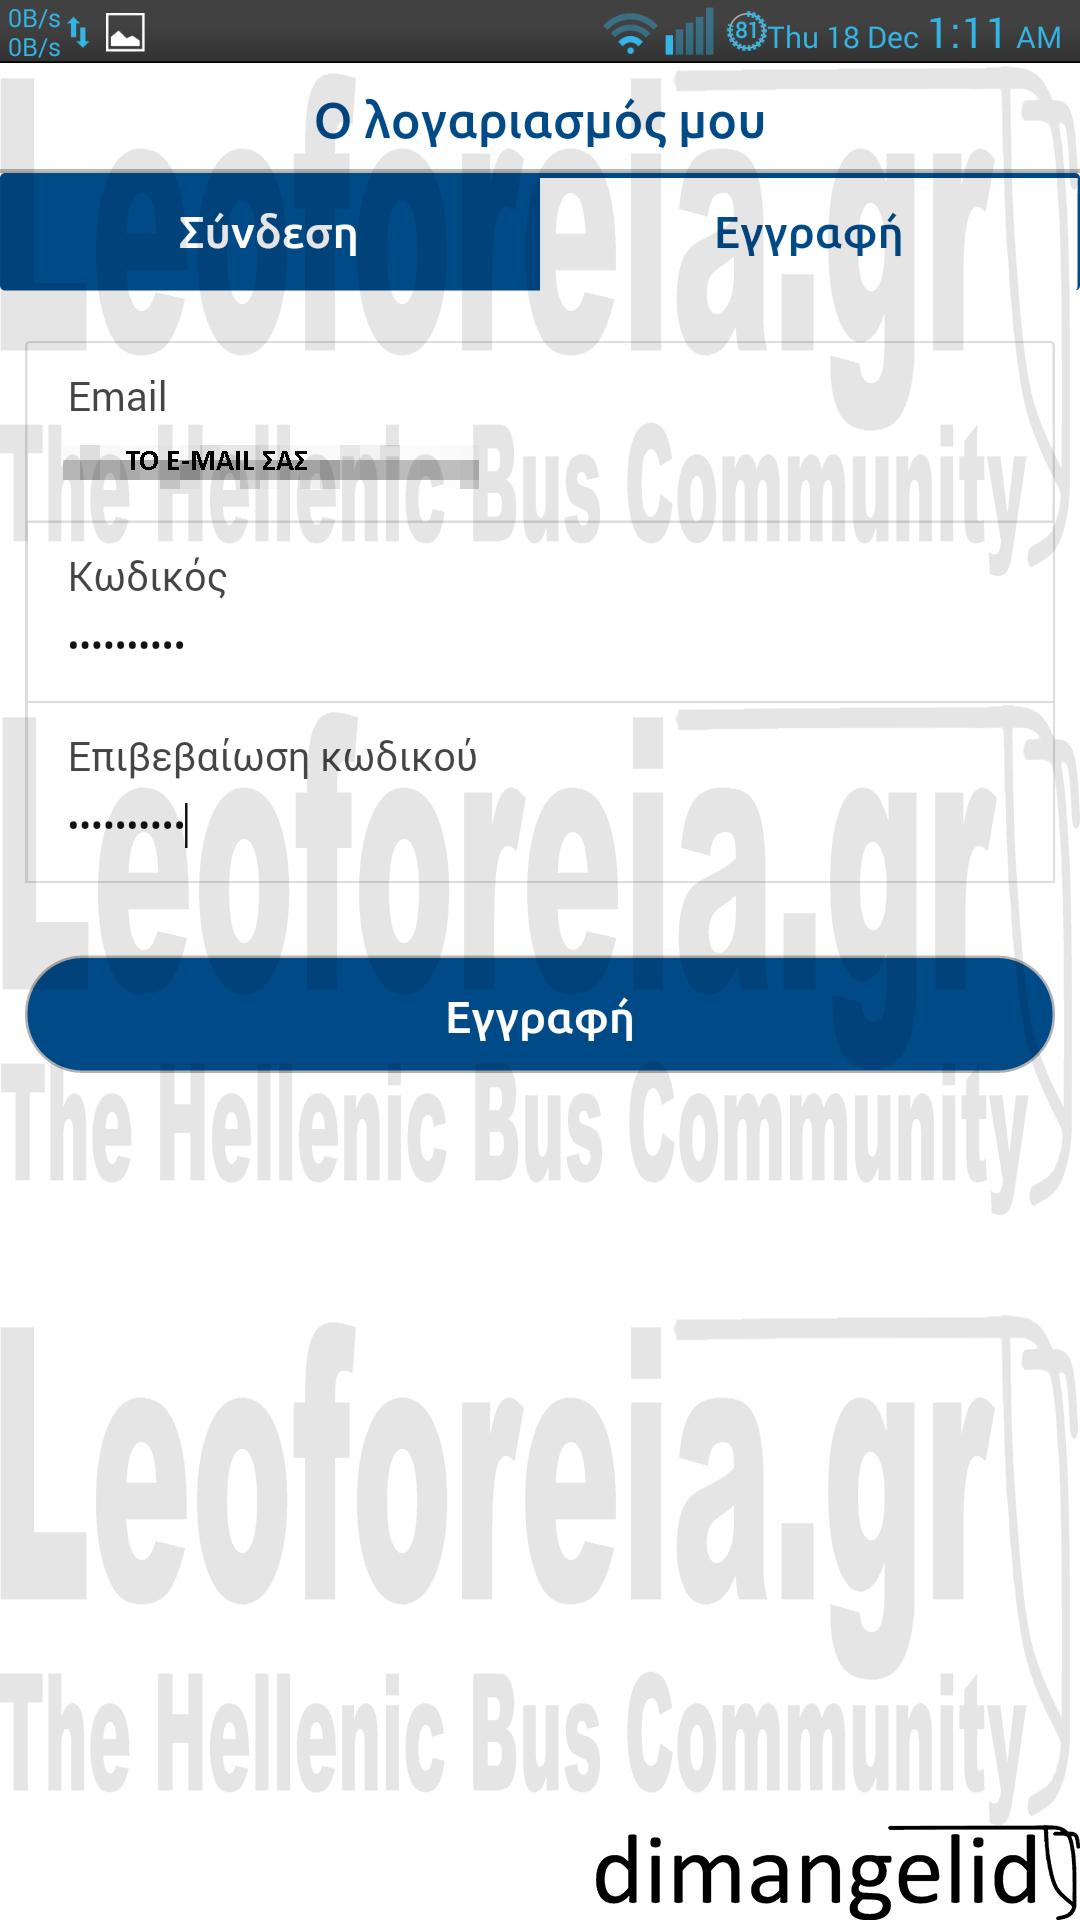 [Εικόνα: 08.sostos_kodikos.png]